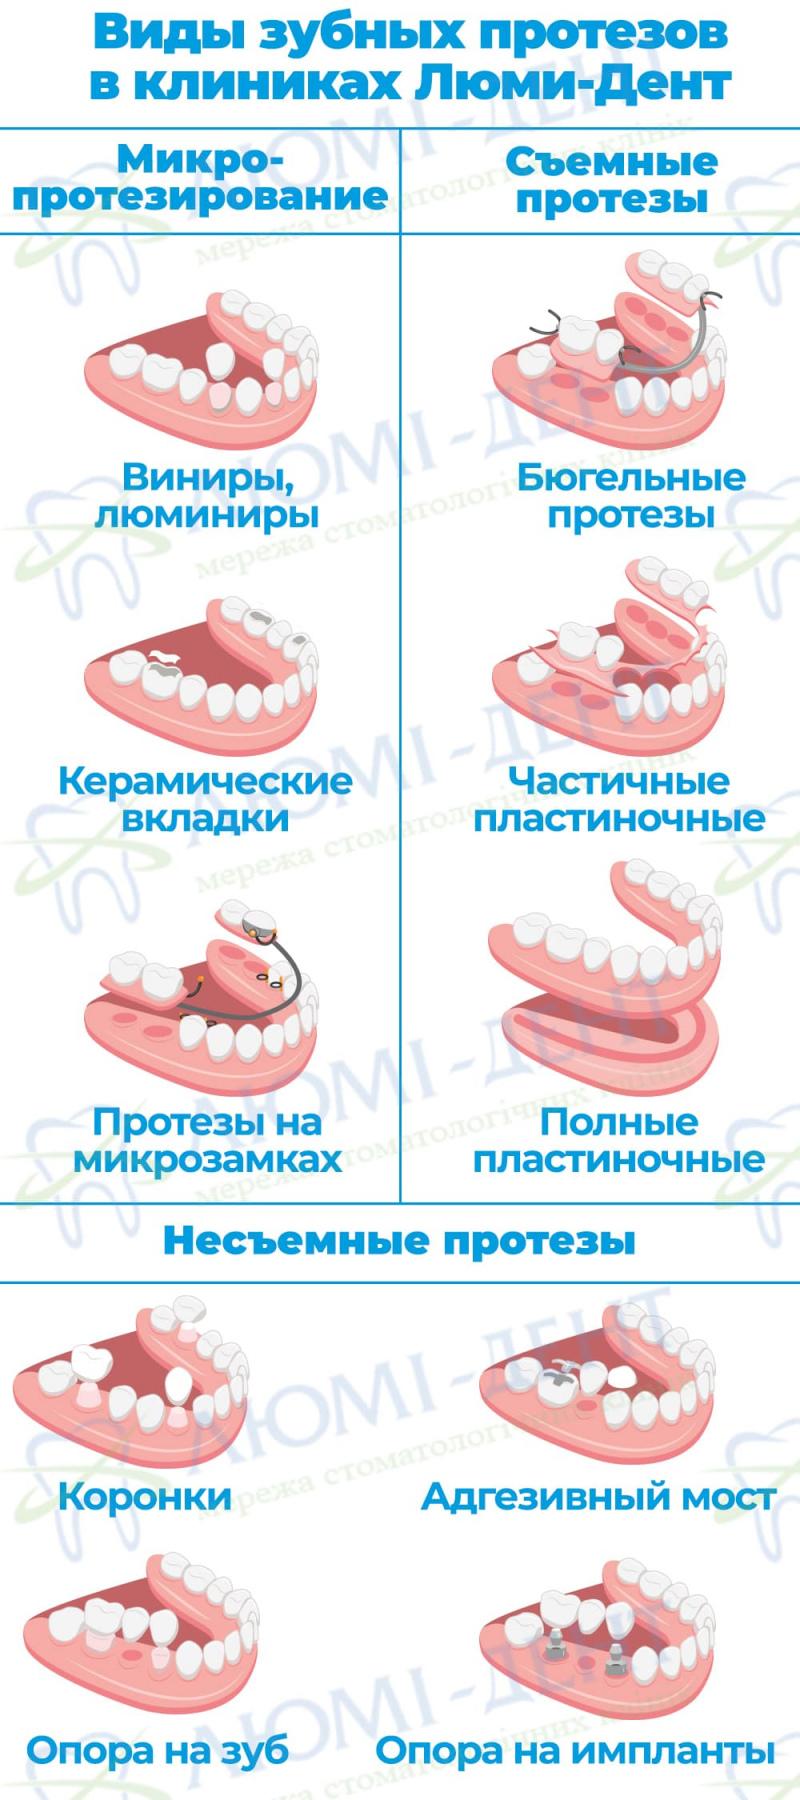 Полная и частичная потеря зубов фото ЛюмиДент